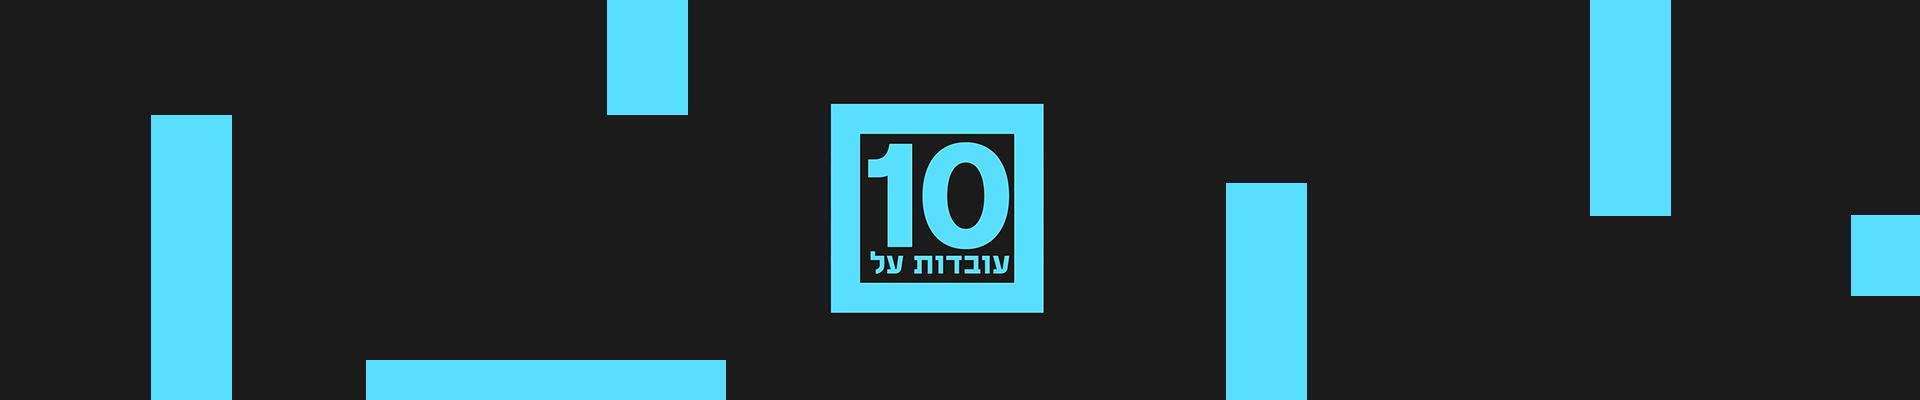 10 עובדות על...